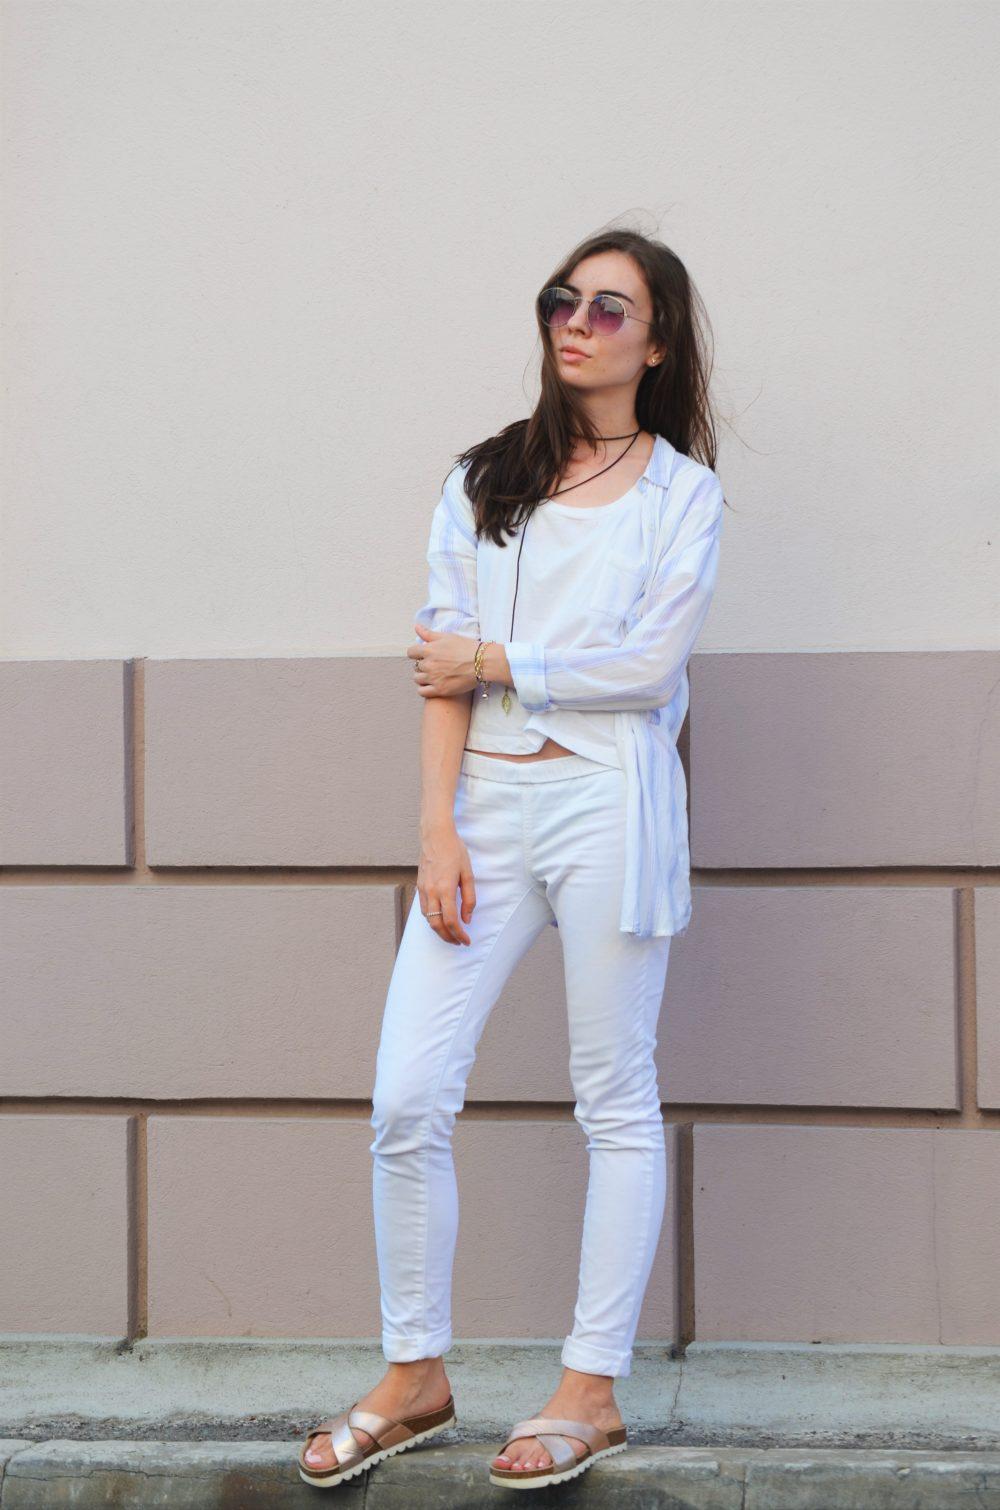 qonique-white-outfit-2